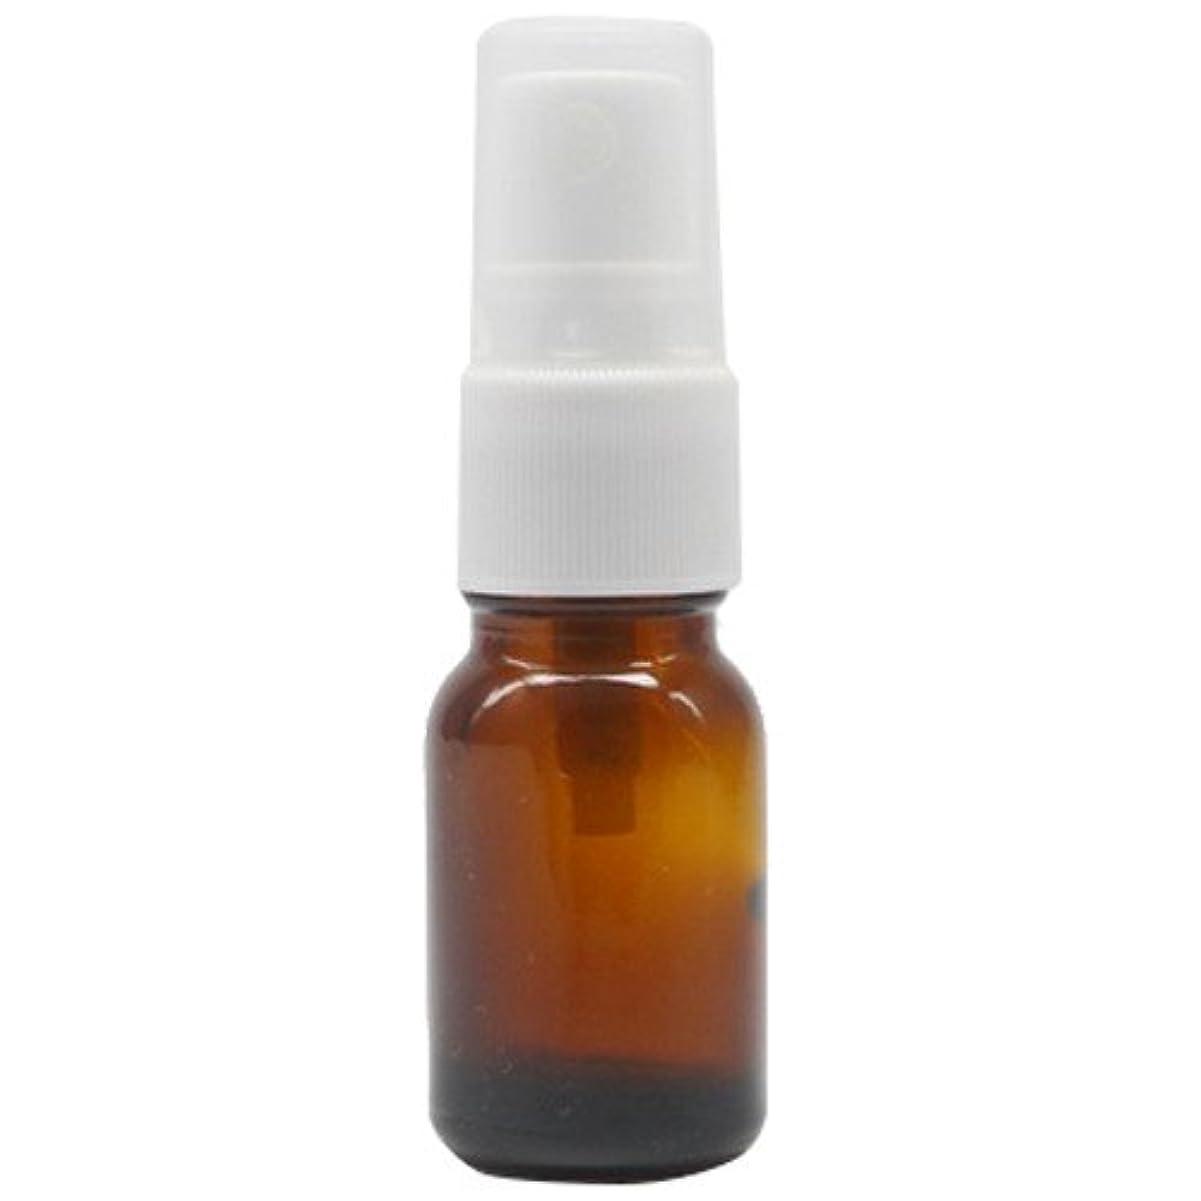 分離不調和症候群アロマアンドライフ (D)茶褐色スプレー瓶10ml 3本セット